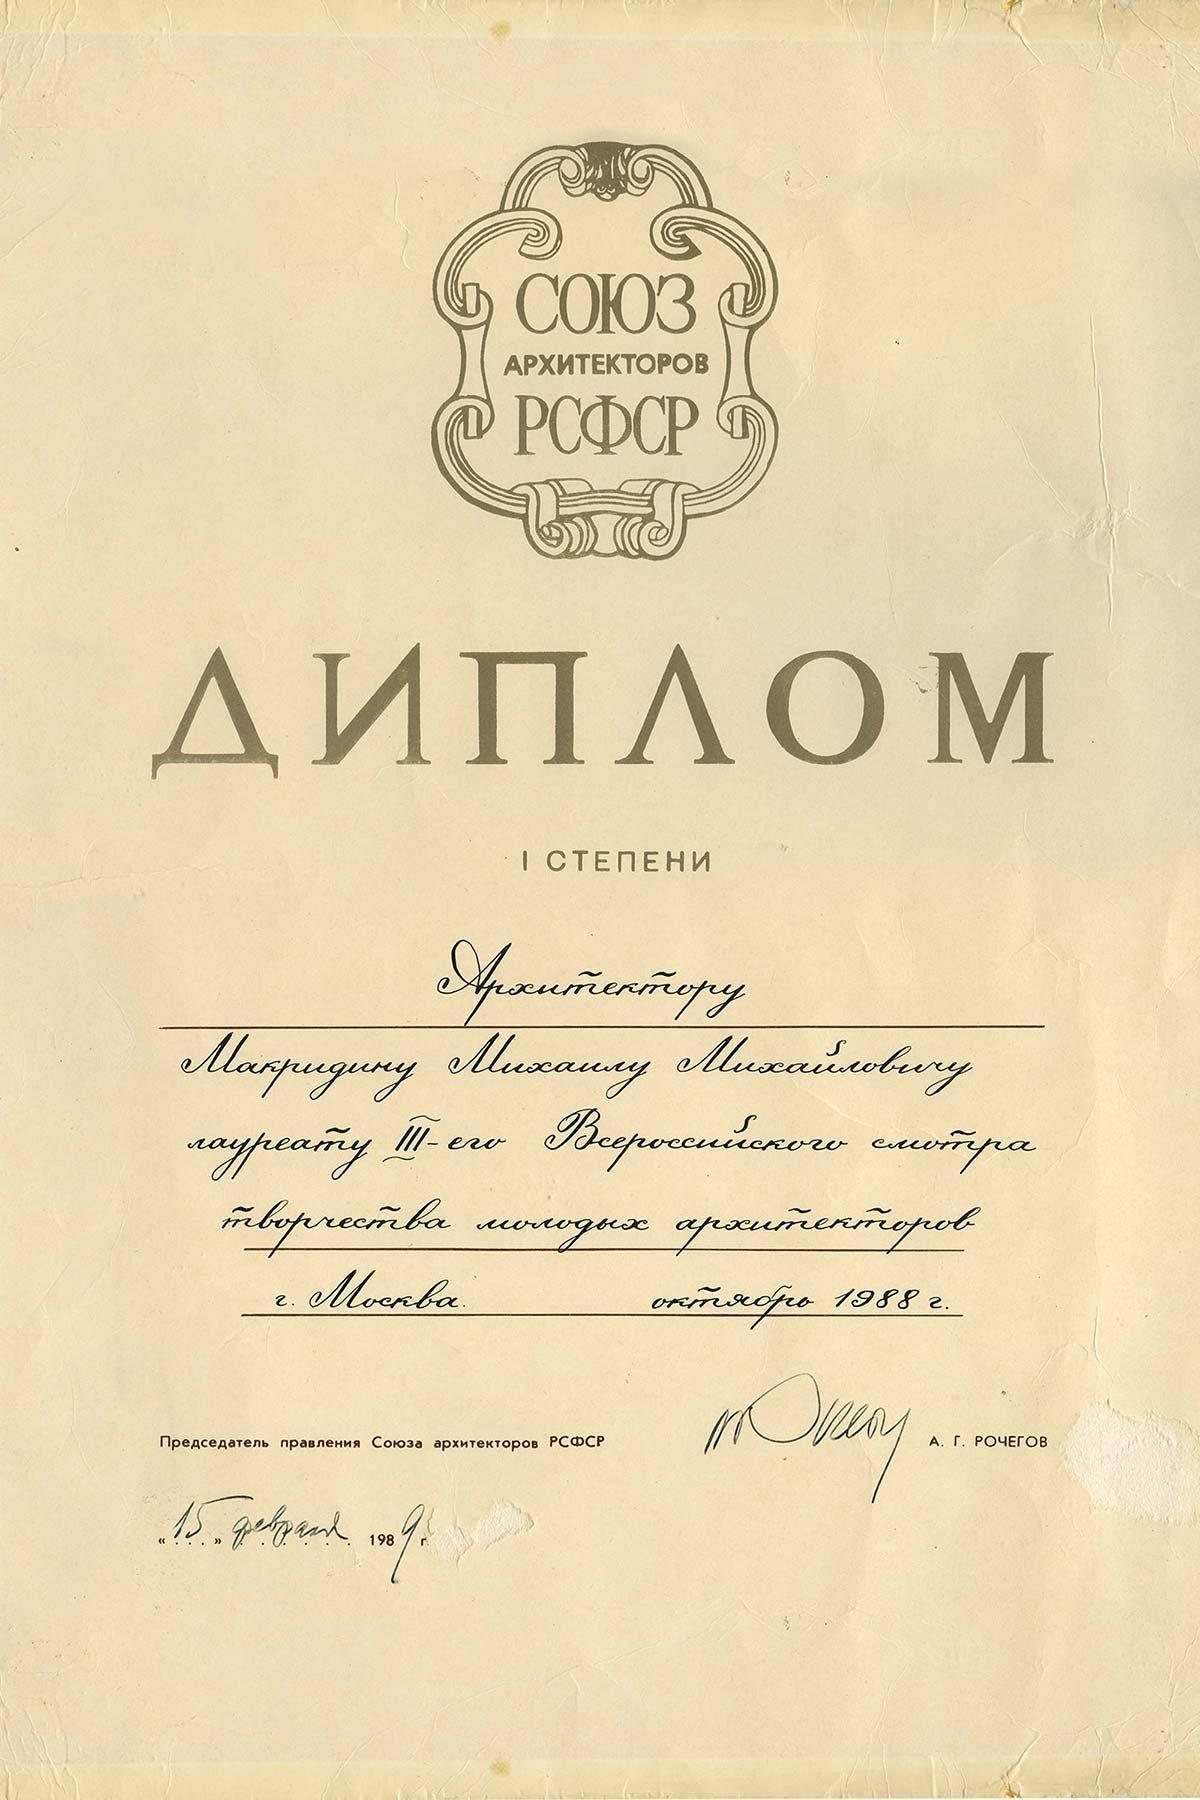 Всероссийский смотр творчества молодых архитекторов 1988